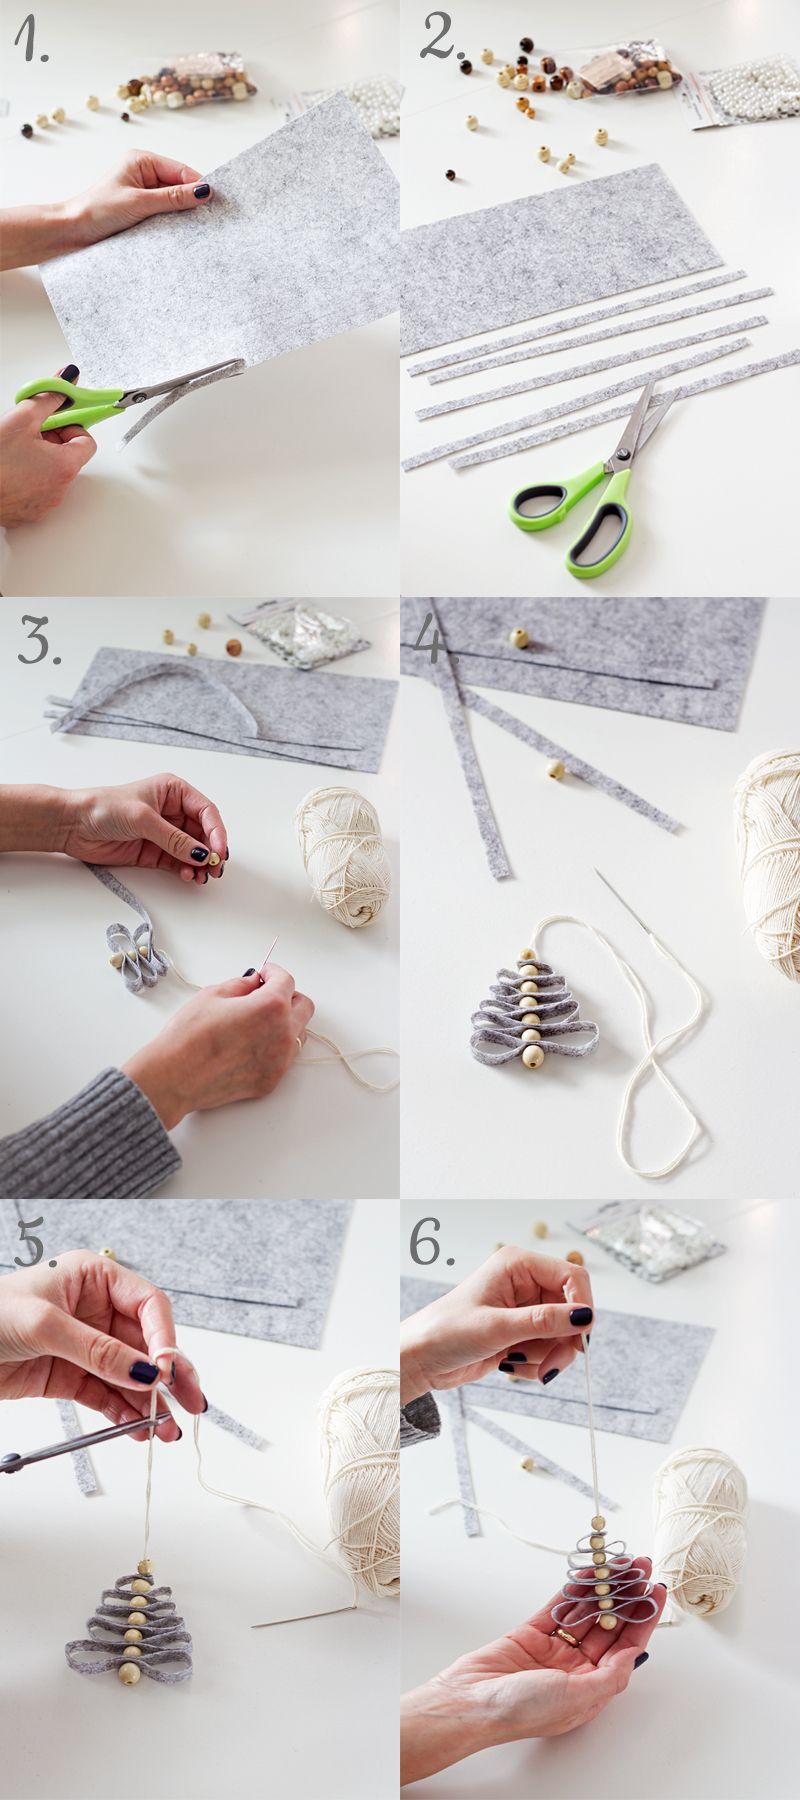 Biale Ozdoby Na Choinke Biale Swieta Najpiekniejsze Dekoracje White Christmas Holiday Decor Decor